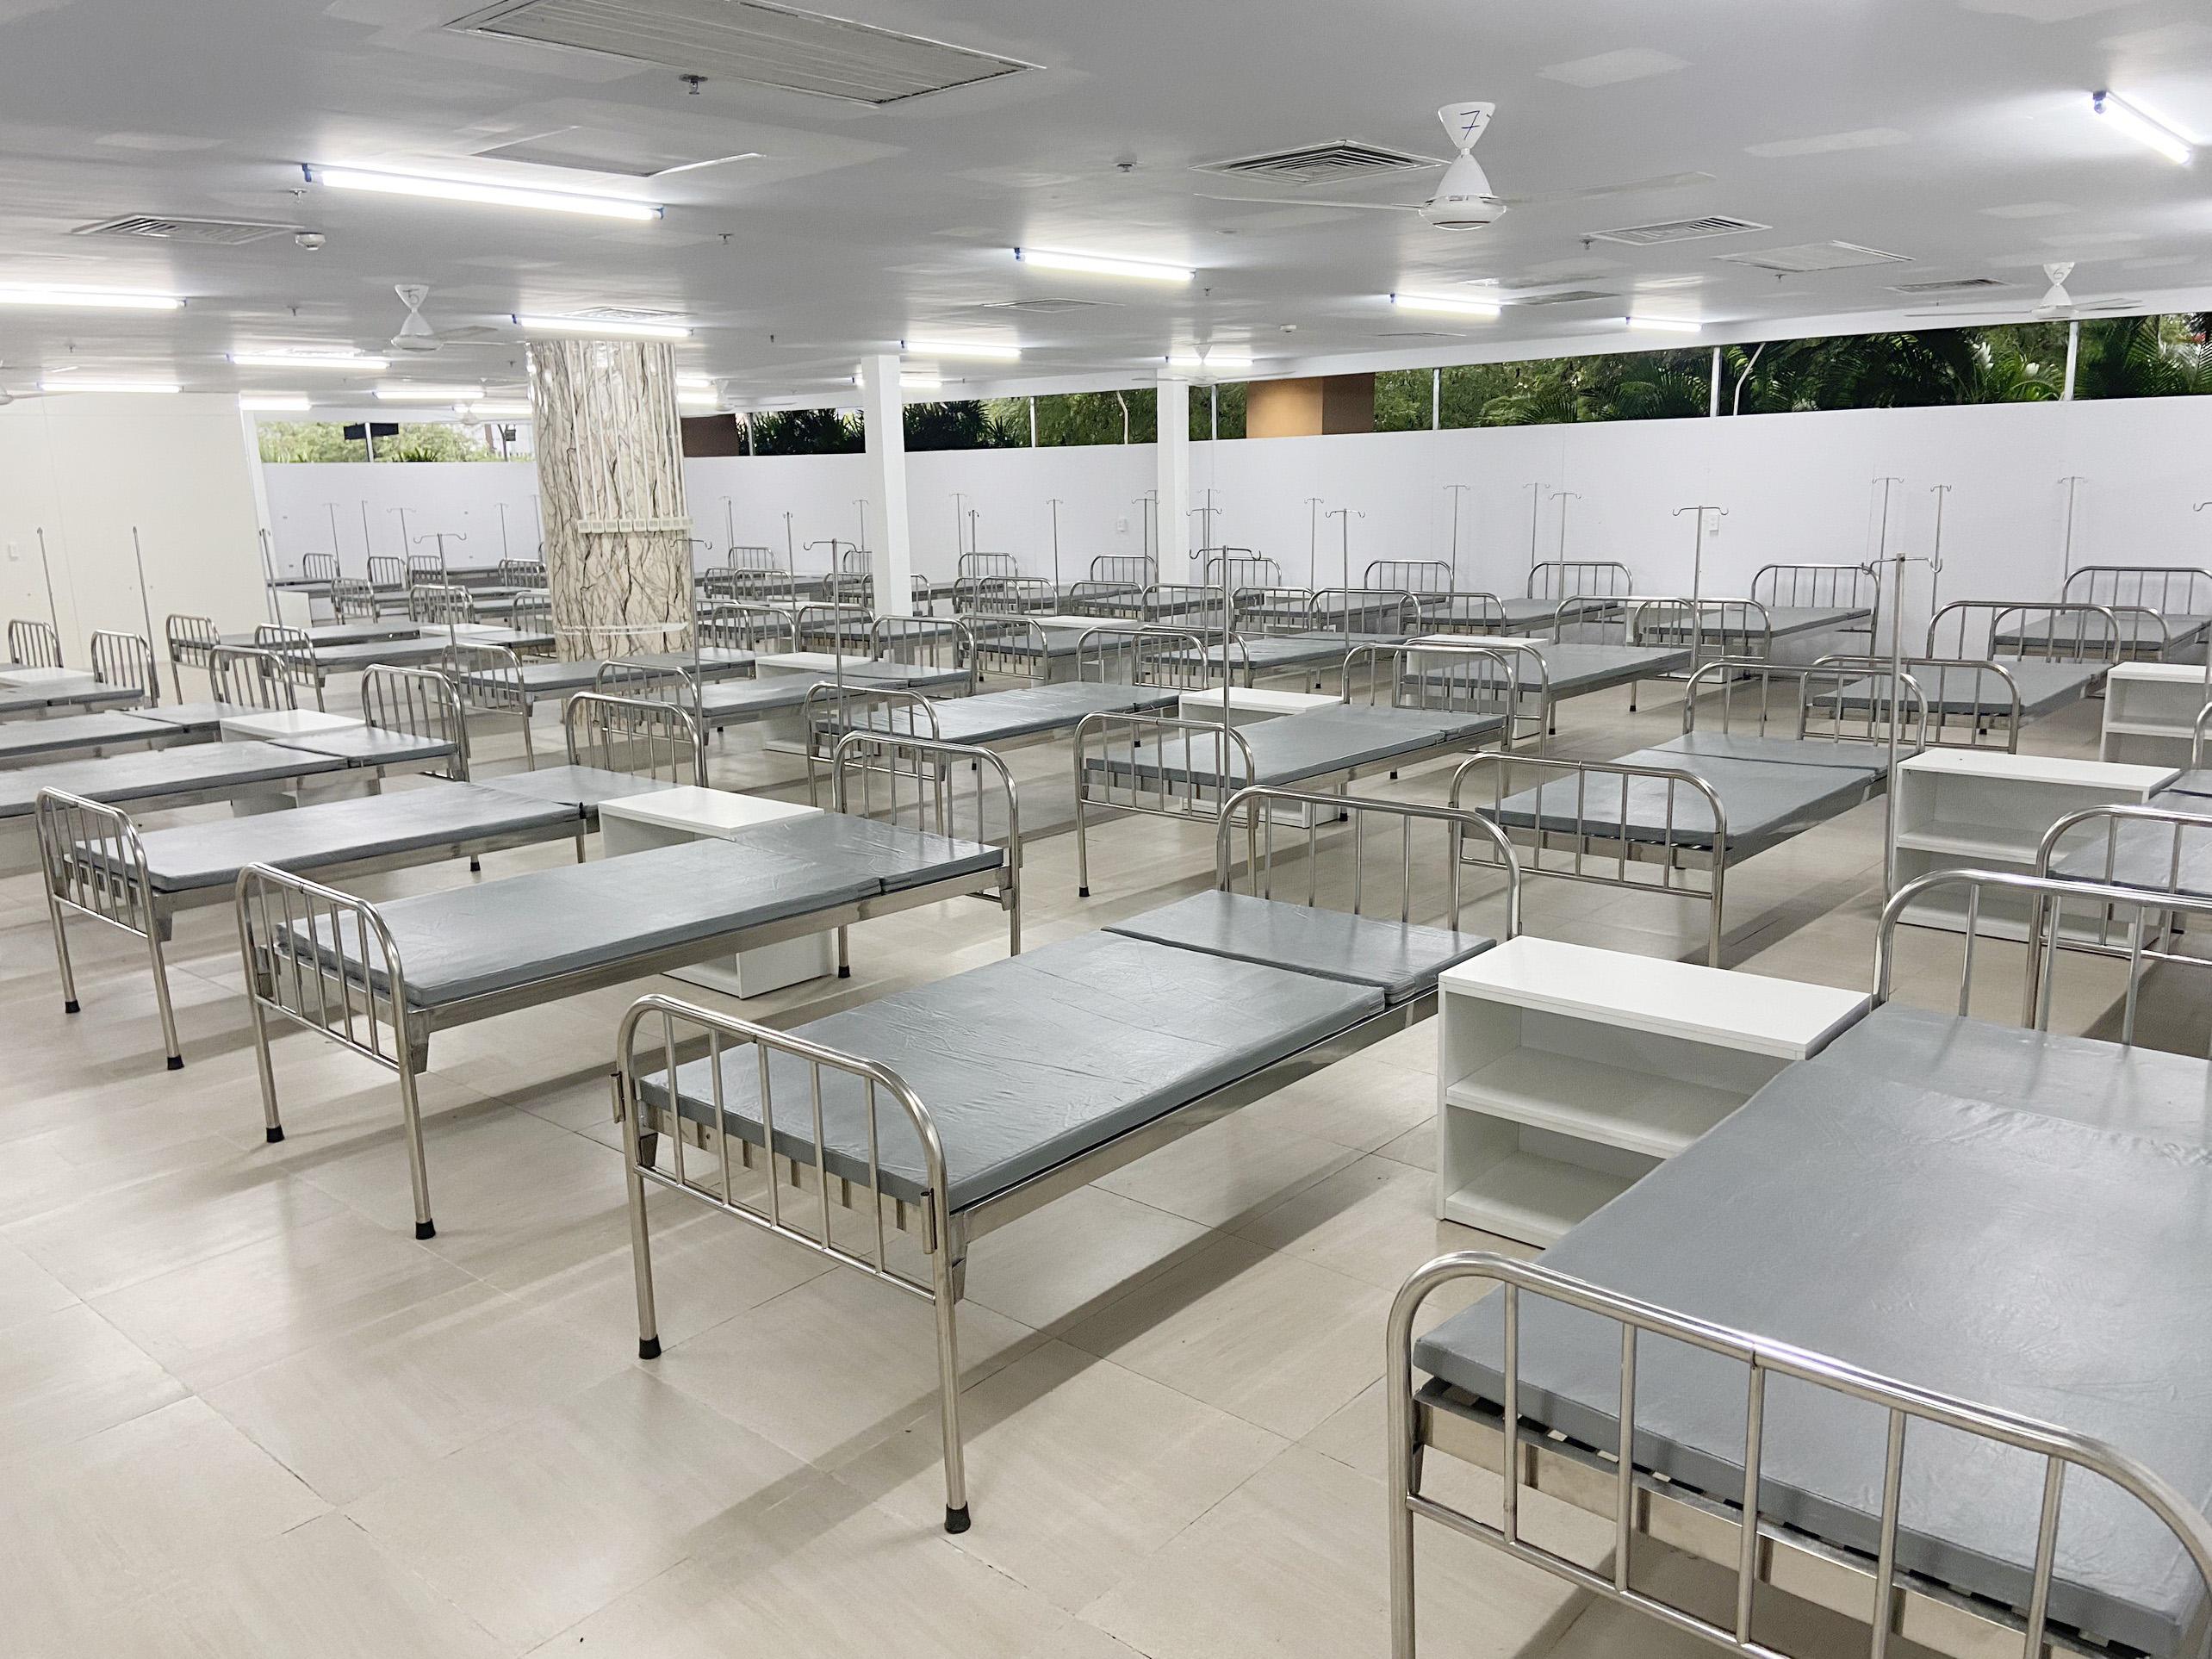 Cận cảnh bệnh viện dã chiến số 5 tại Thuận Kiều Plaza trước giờ tiếp nhận bệnh nhân - 3